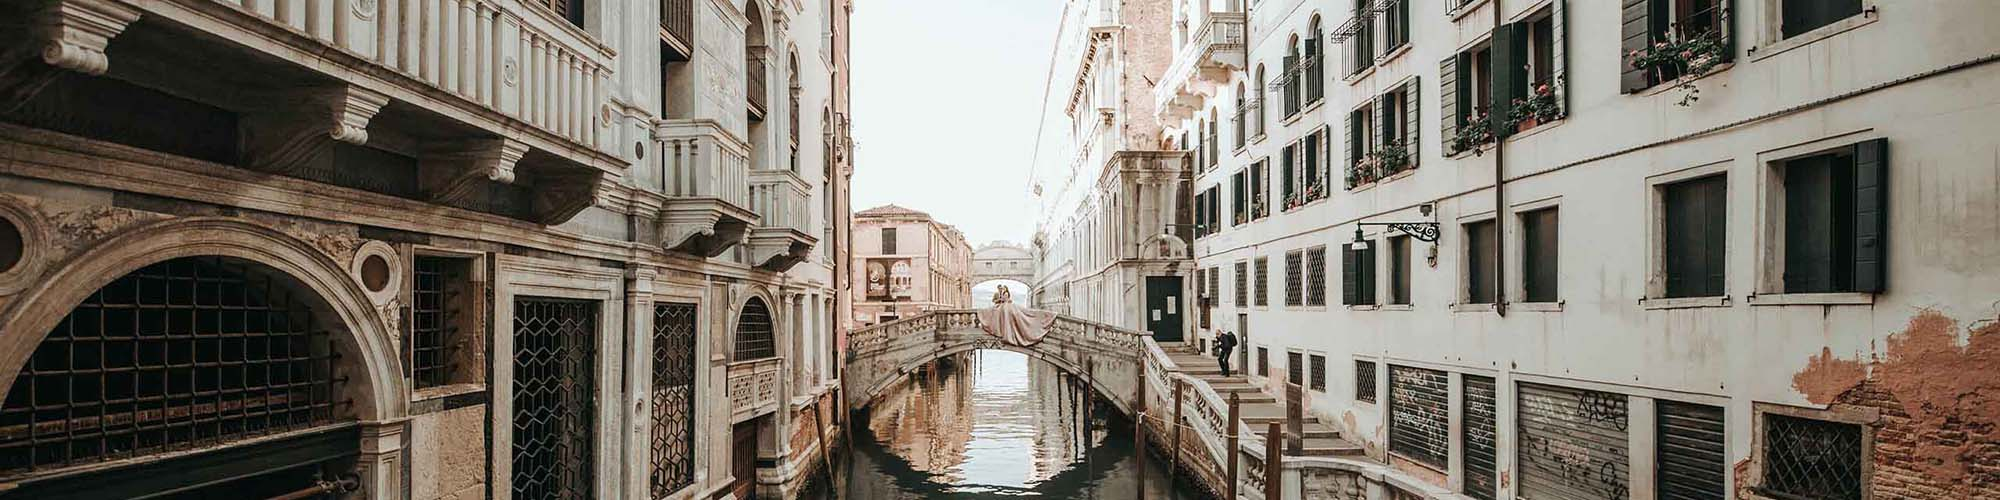 свадьба в венеции цены